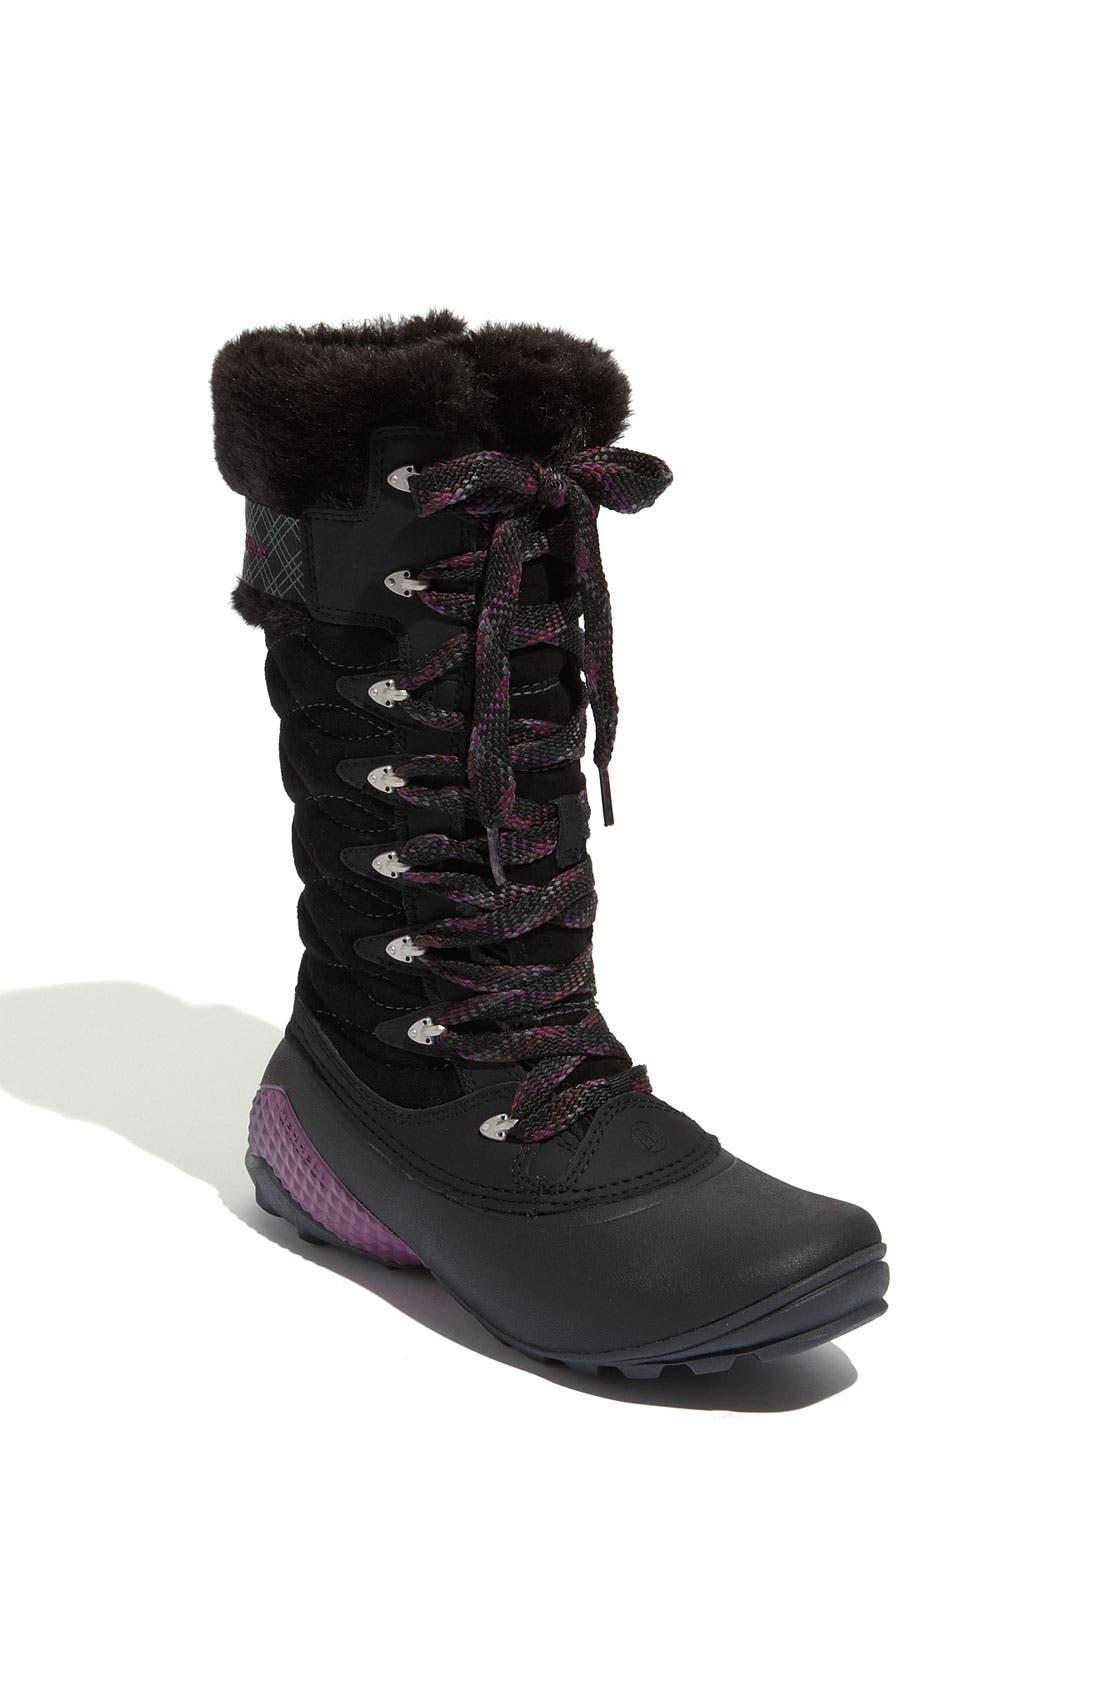 Alternate Image 1 Selected - Merrell 'Winterbelle Peak' Waterproof Boot